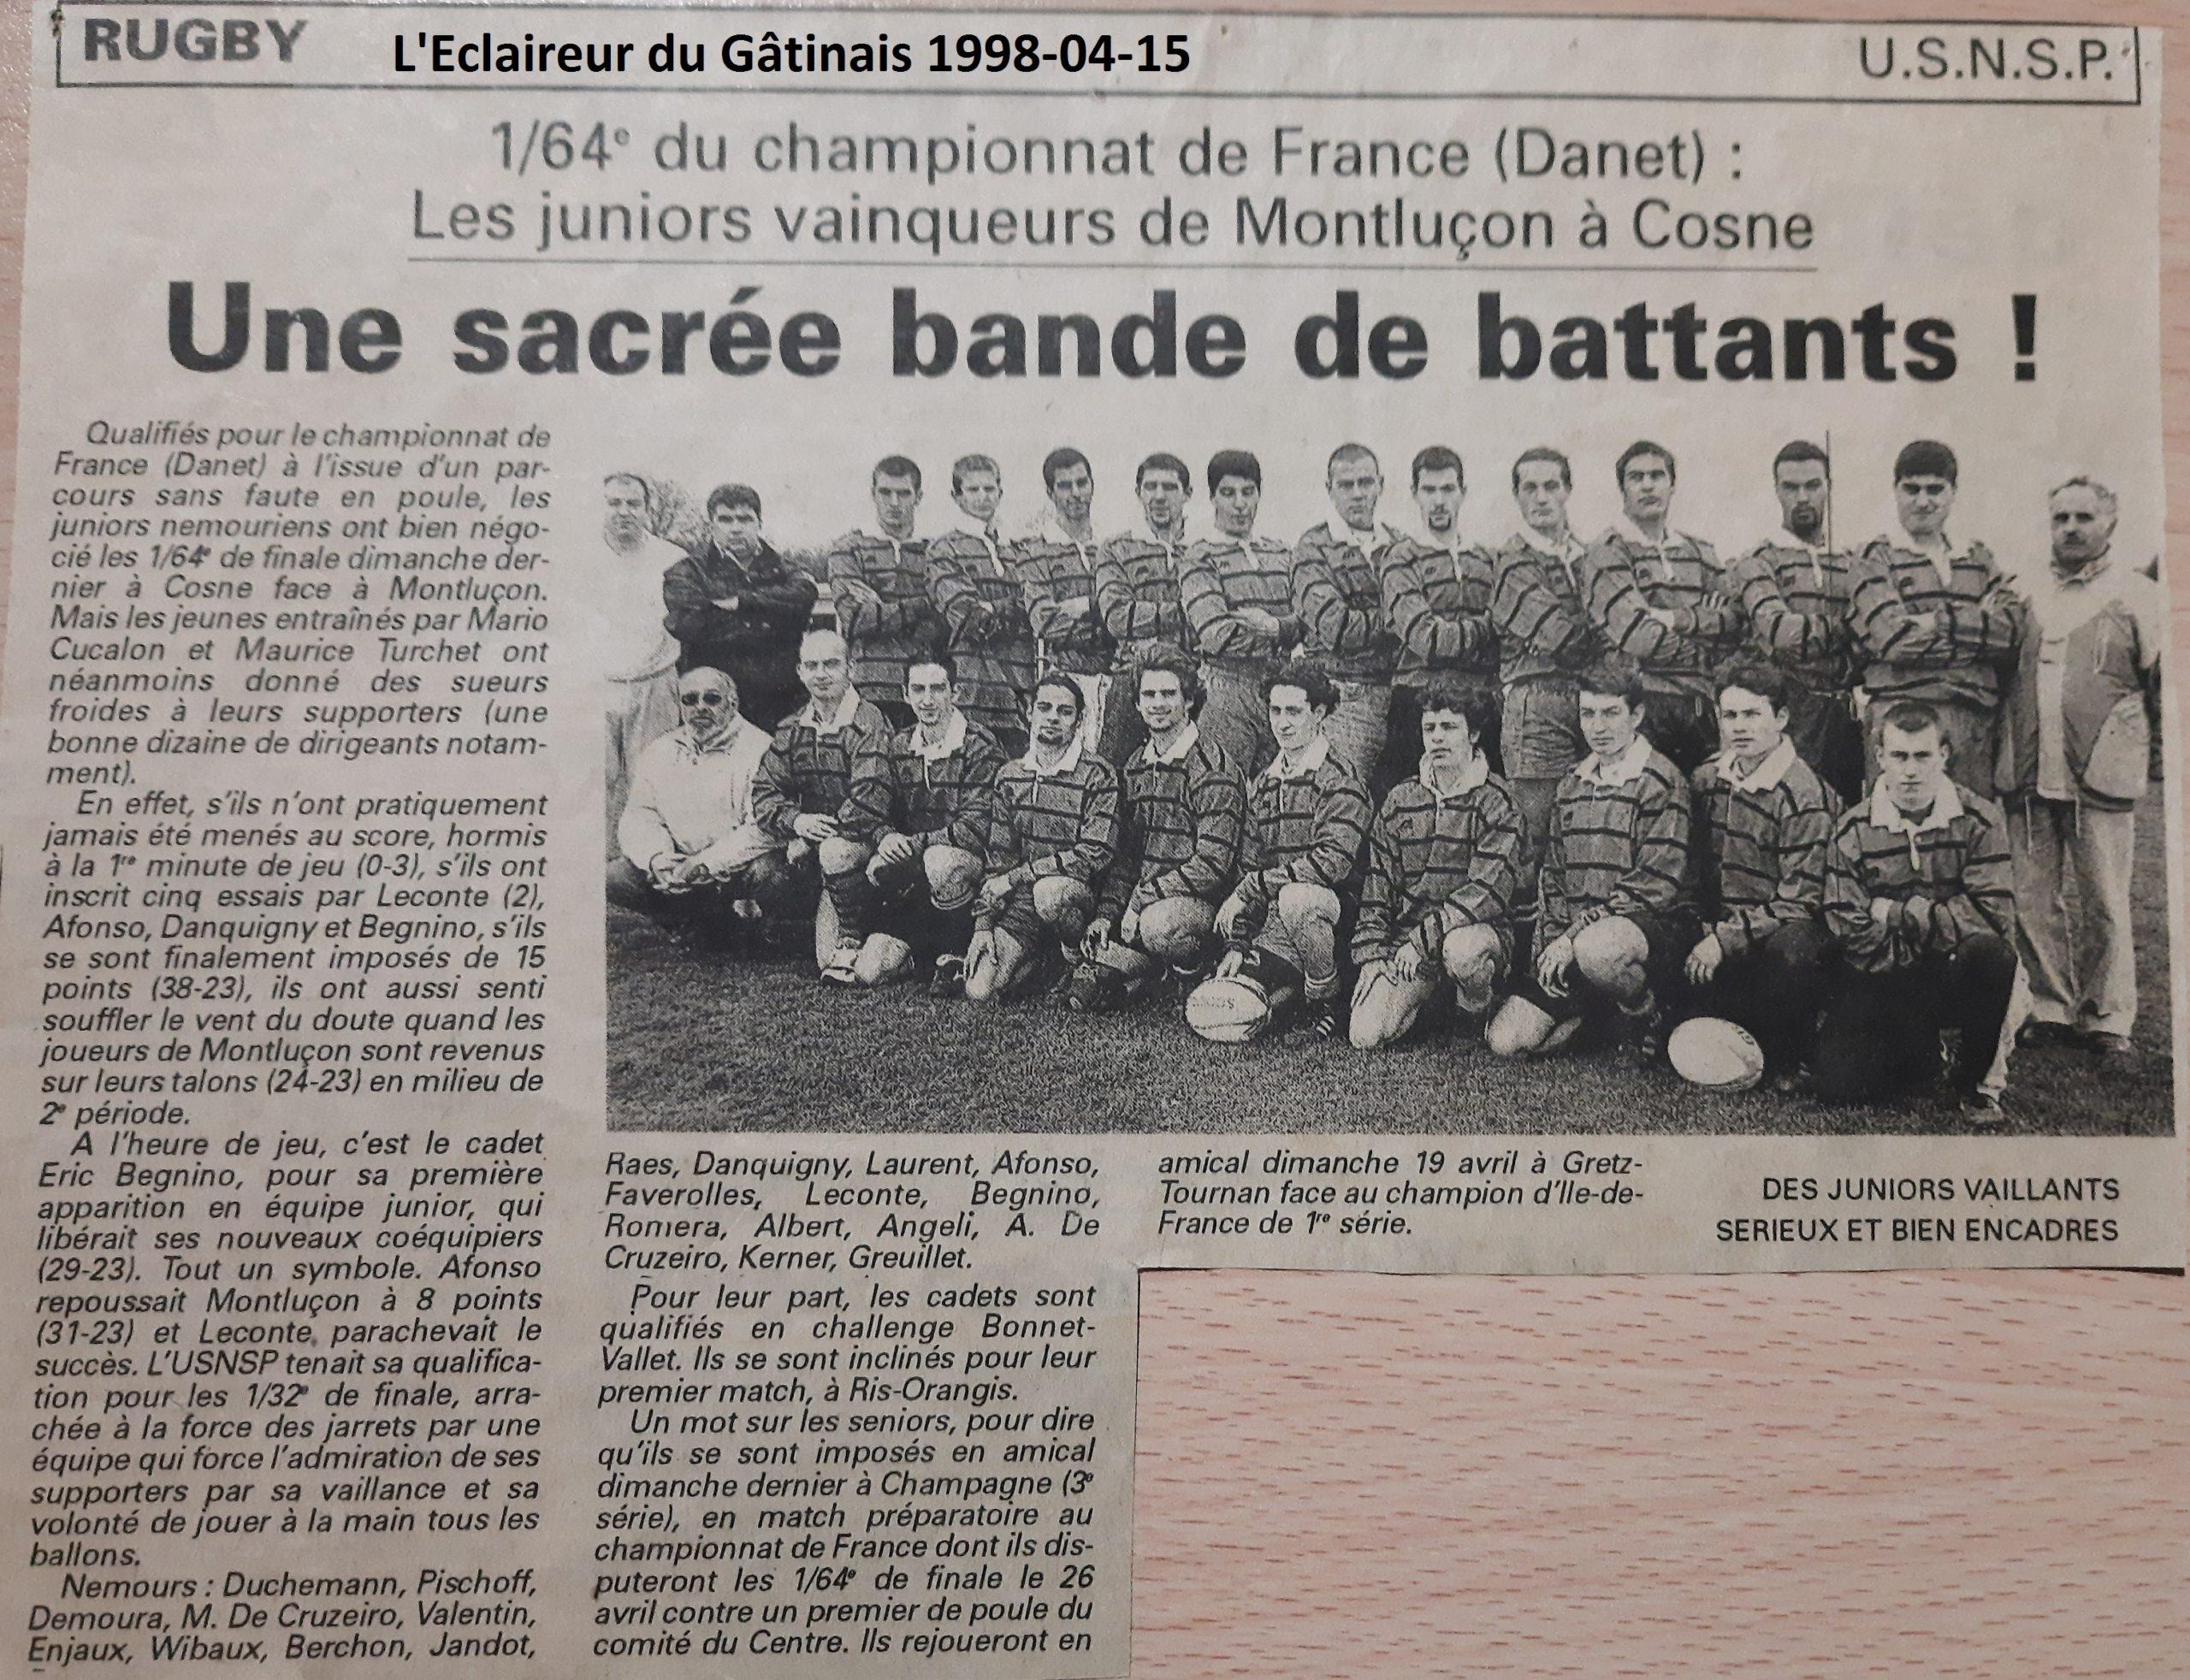 Eclaireur du Gâtinais 1998-04-15